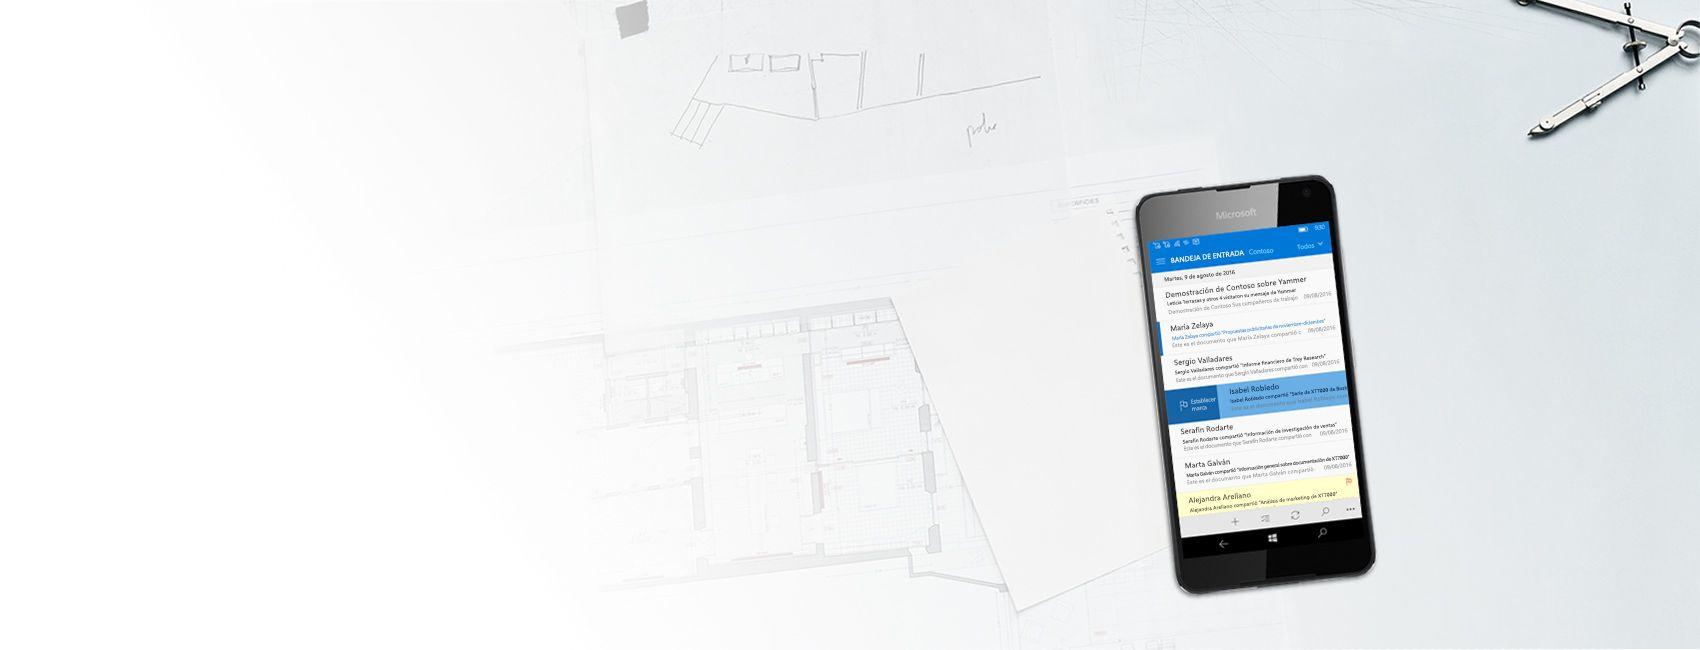 Teléfono Windows en el que se muestra una bandeja de entrada de correo electrónico en Outlook para Windows 10 Mobile